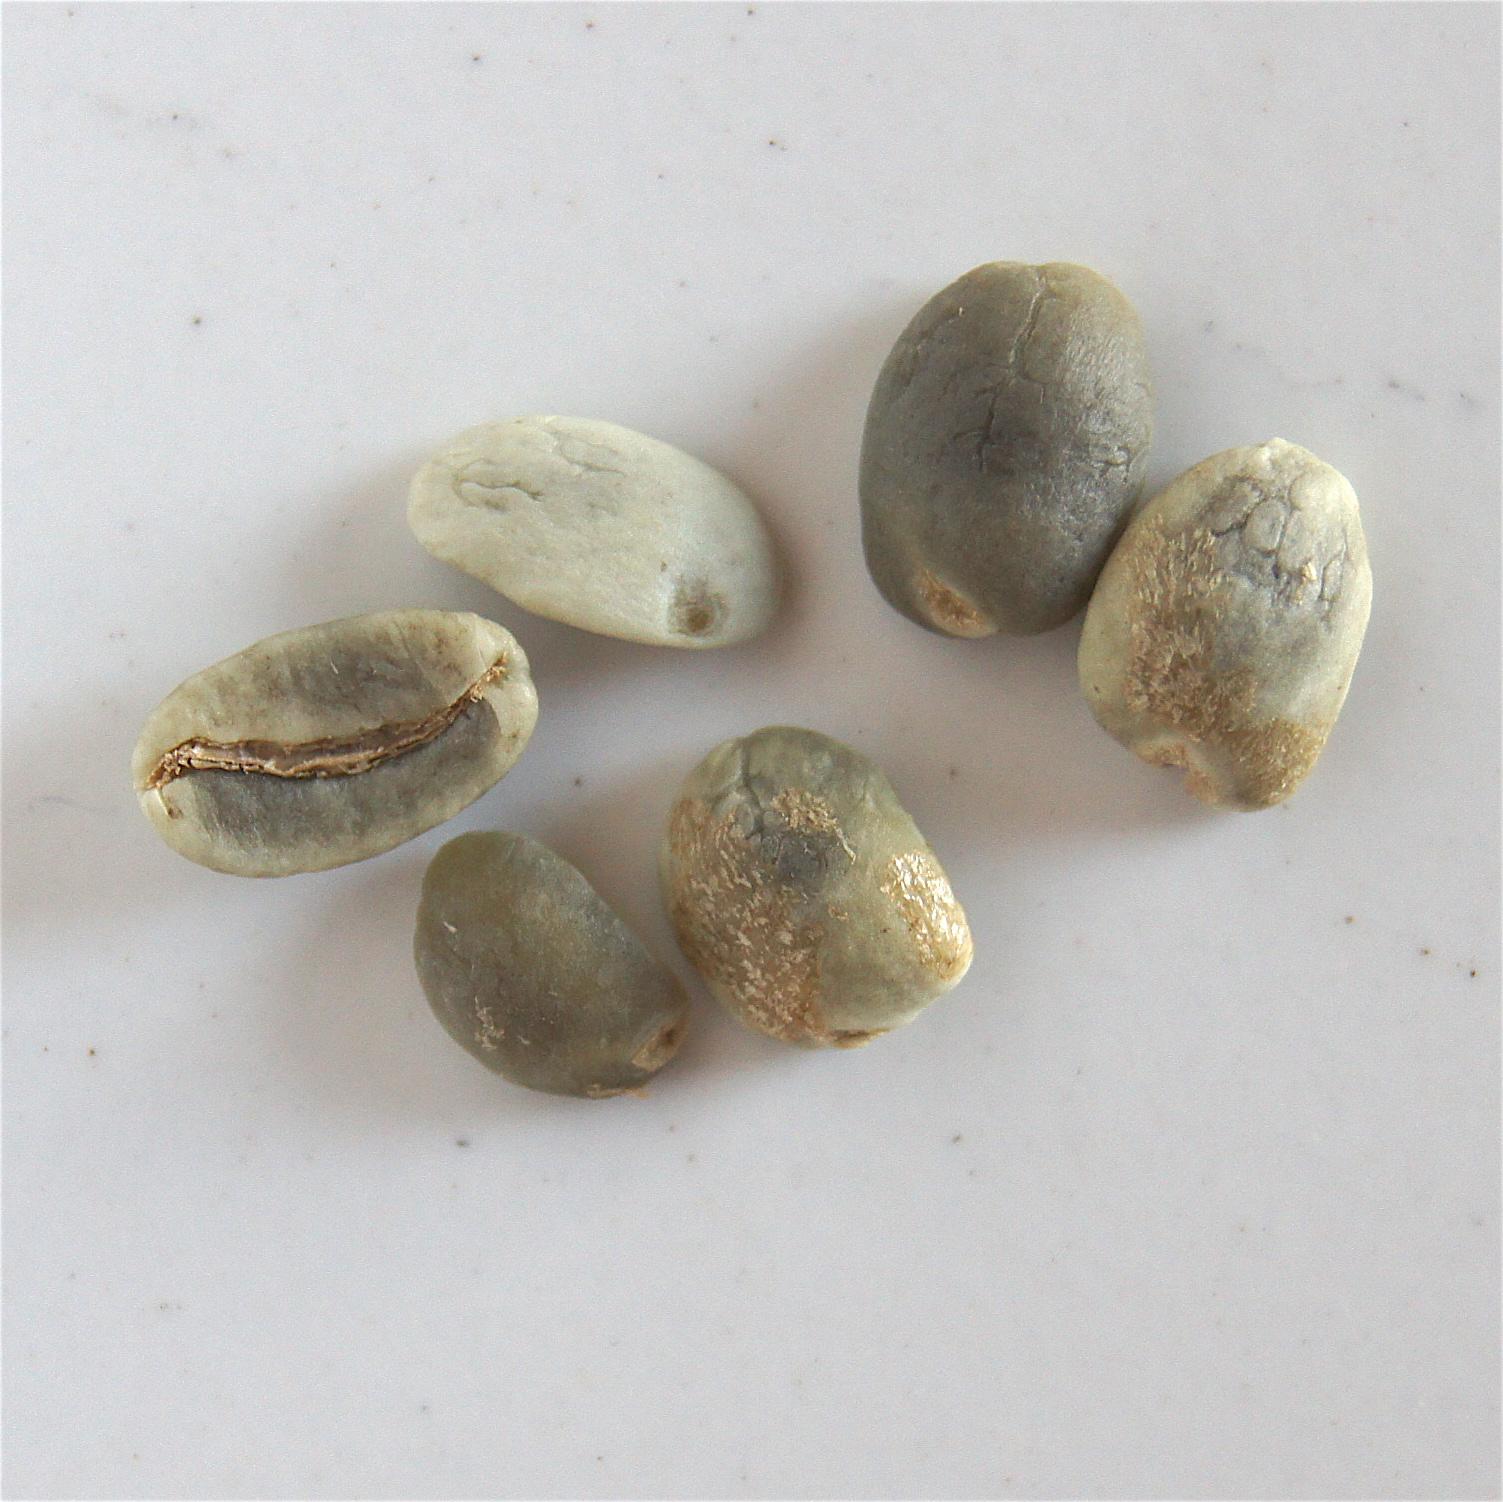 Grains blanchis en partie ou totalité - affectés par des champignons